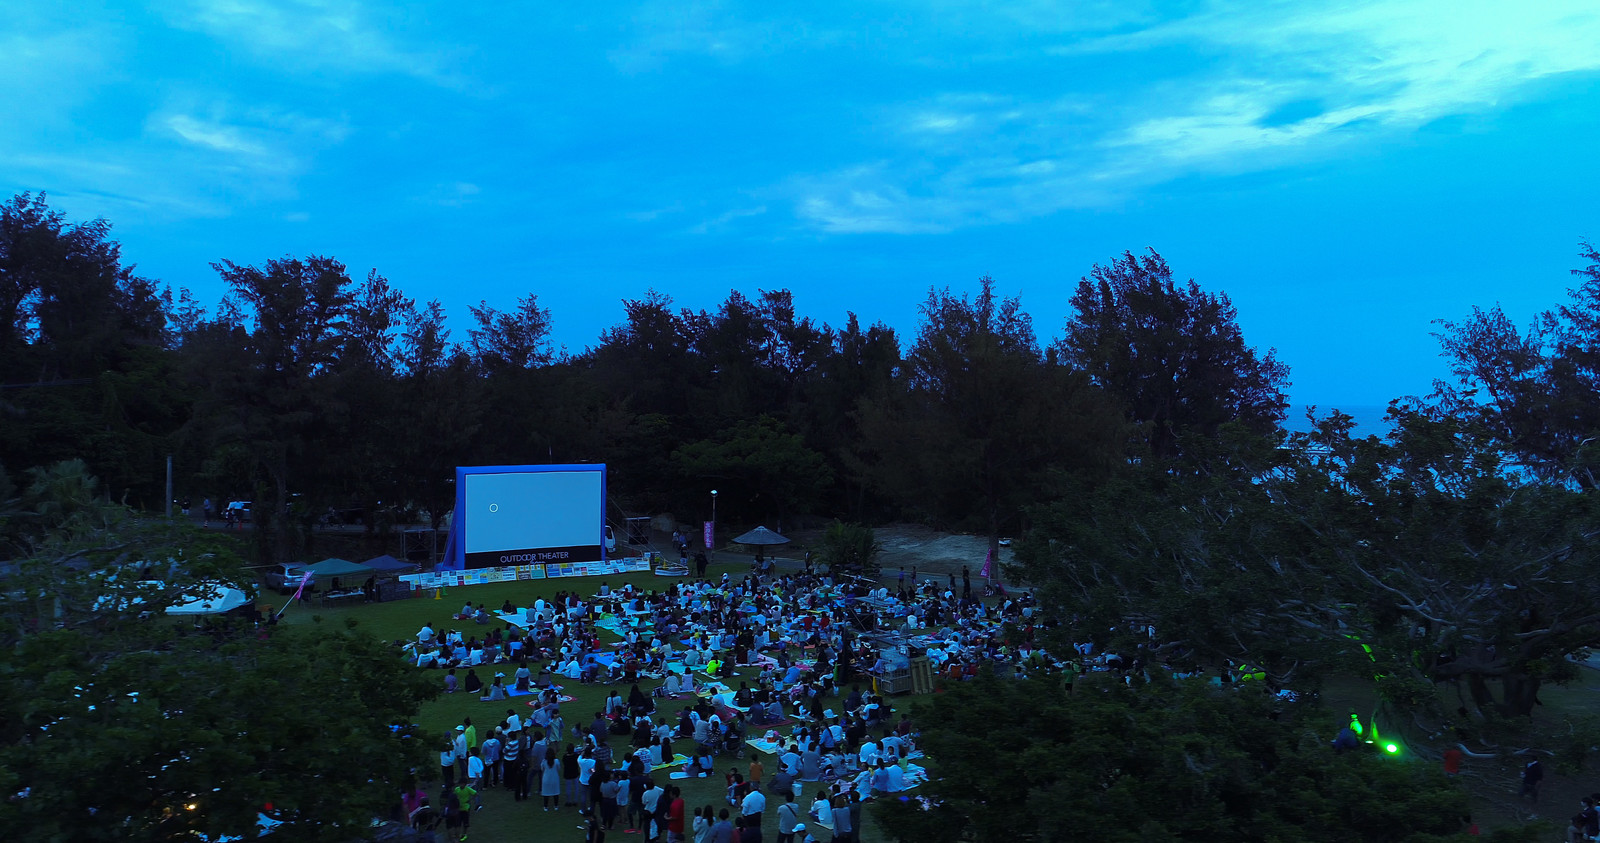 「野外映画で夕涼み」の写真